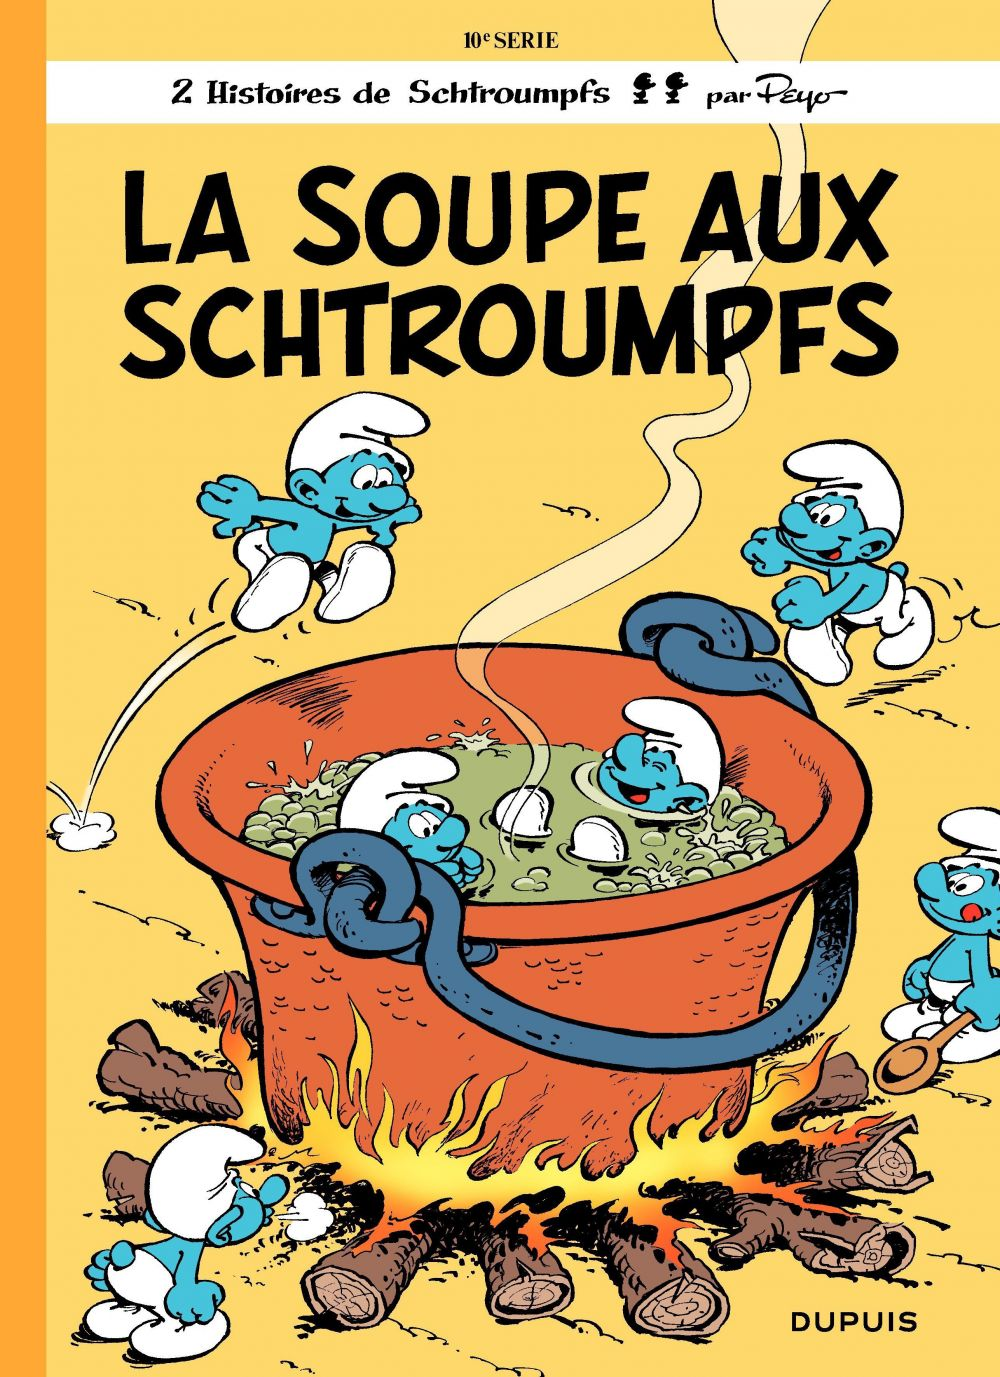 Les Schtroumpfs - tome 10 - La Soupe aux Schtroumpfs | Peyo (1928-1992). Auteur